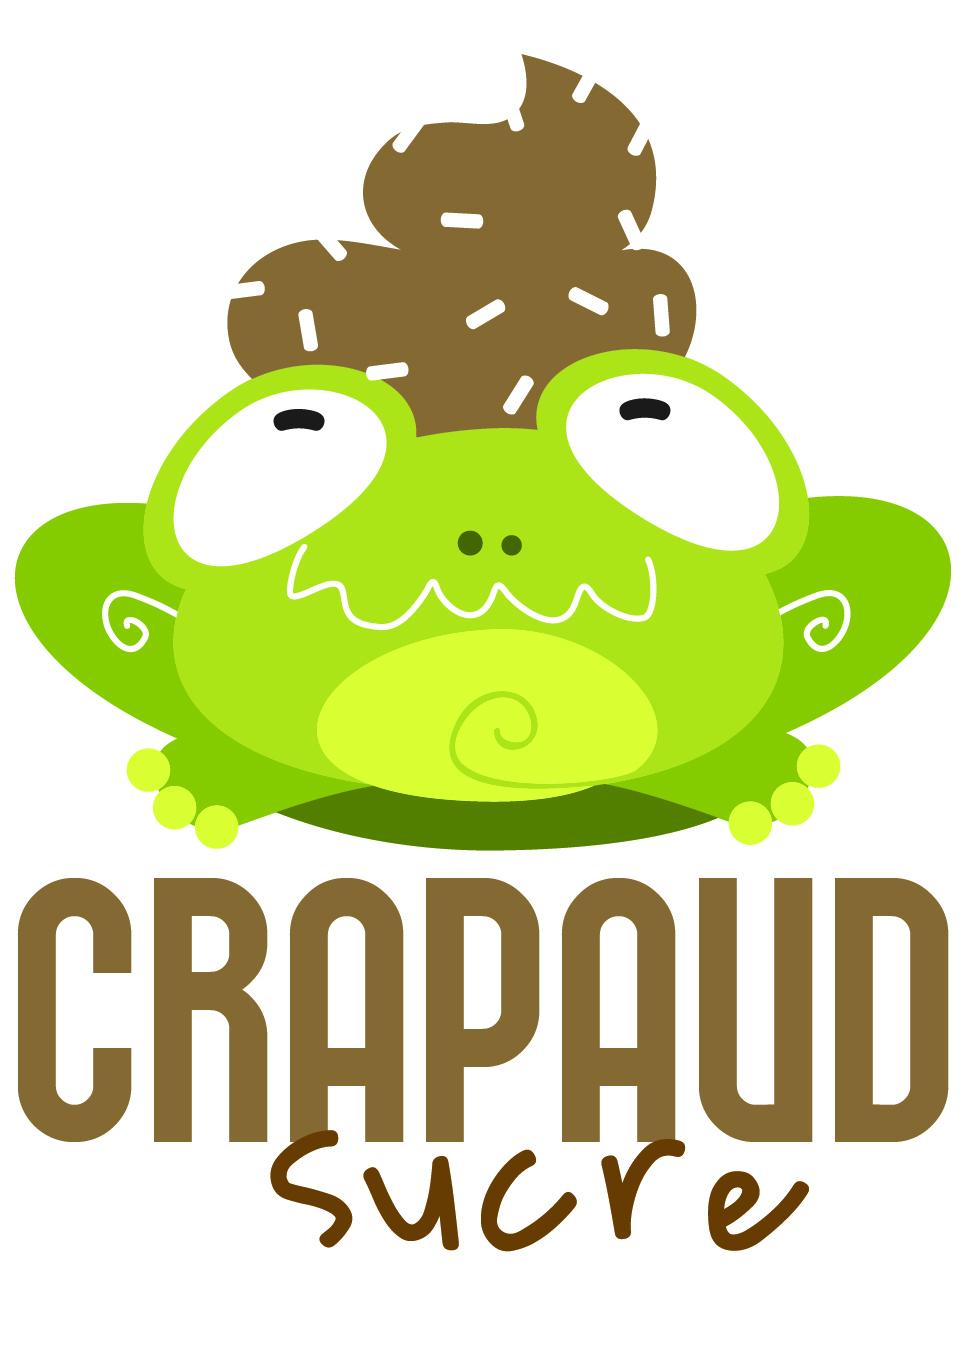 20170426154531_Logo-crapaud-sucre.ai